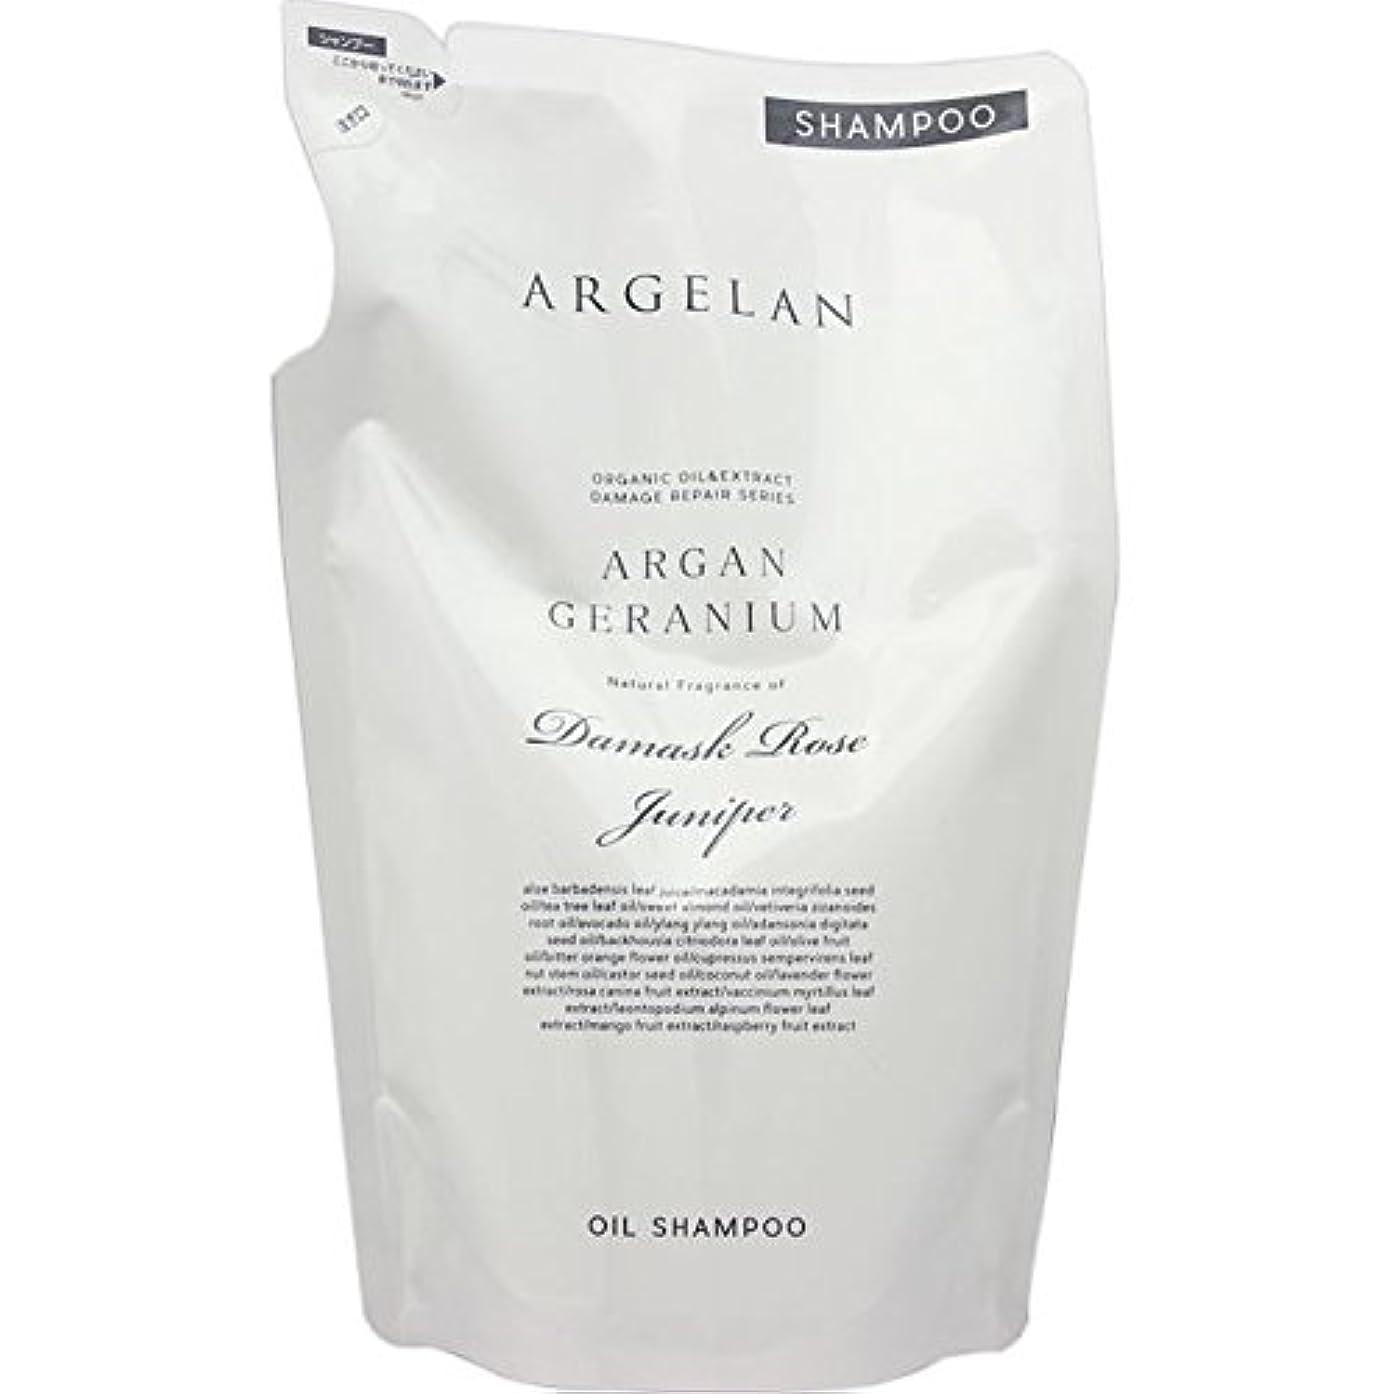 誘惑特性お客様アルジェラン オーガニック 手搾りアルガン オイル シャンプー 詰替え用 400ml詰替